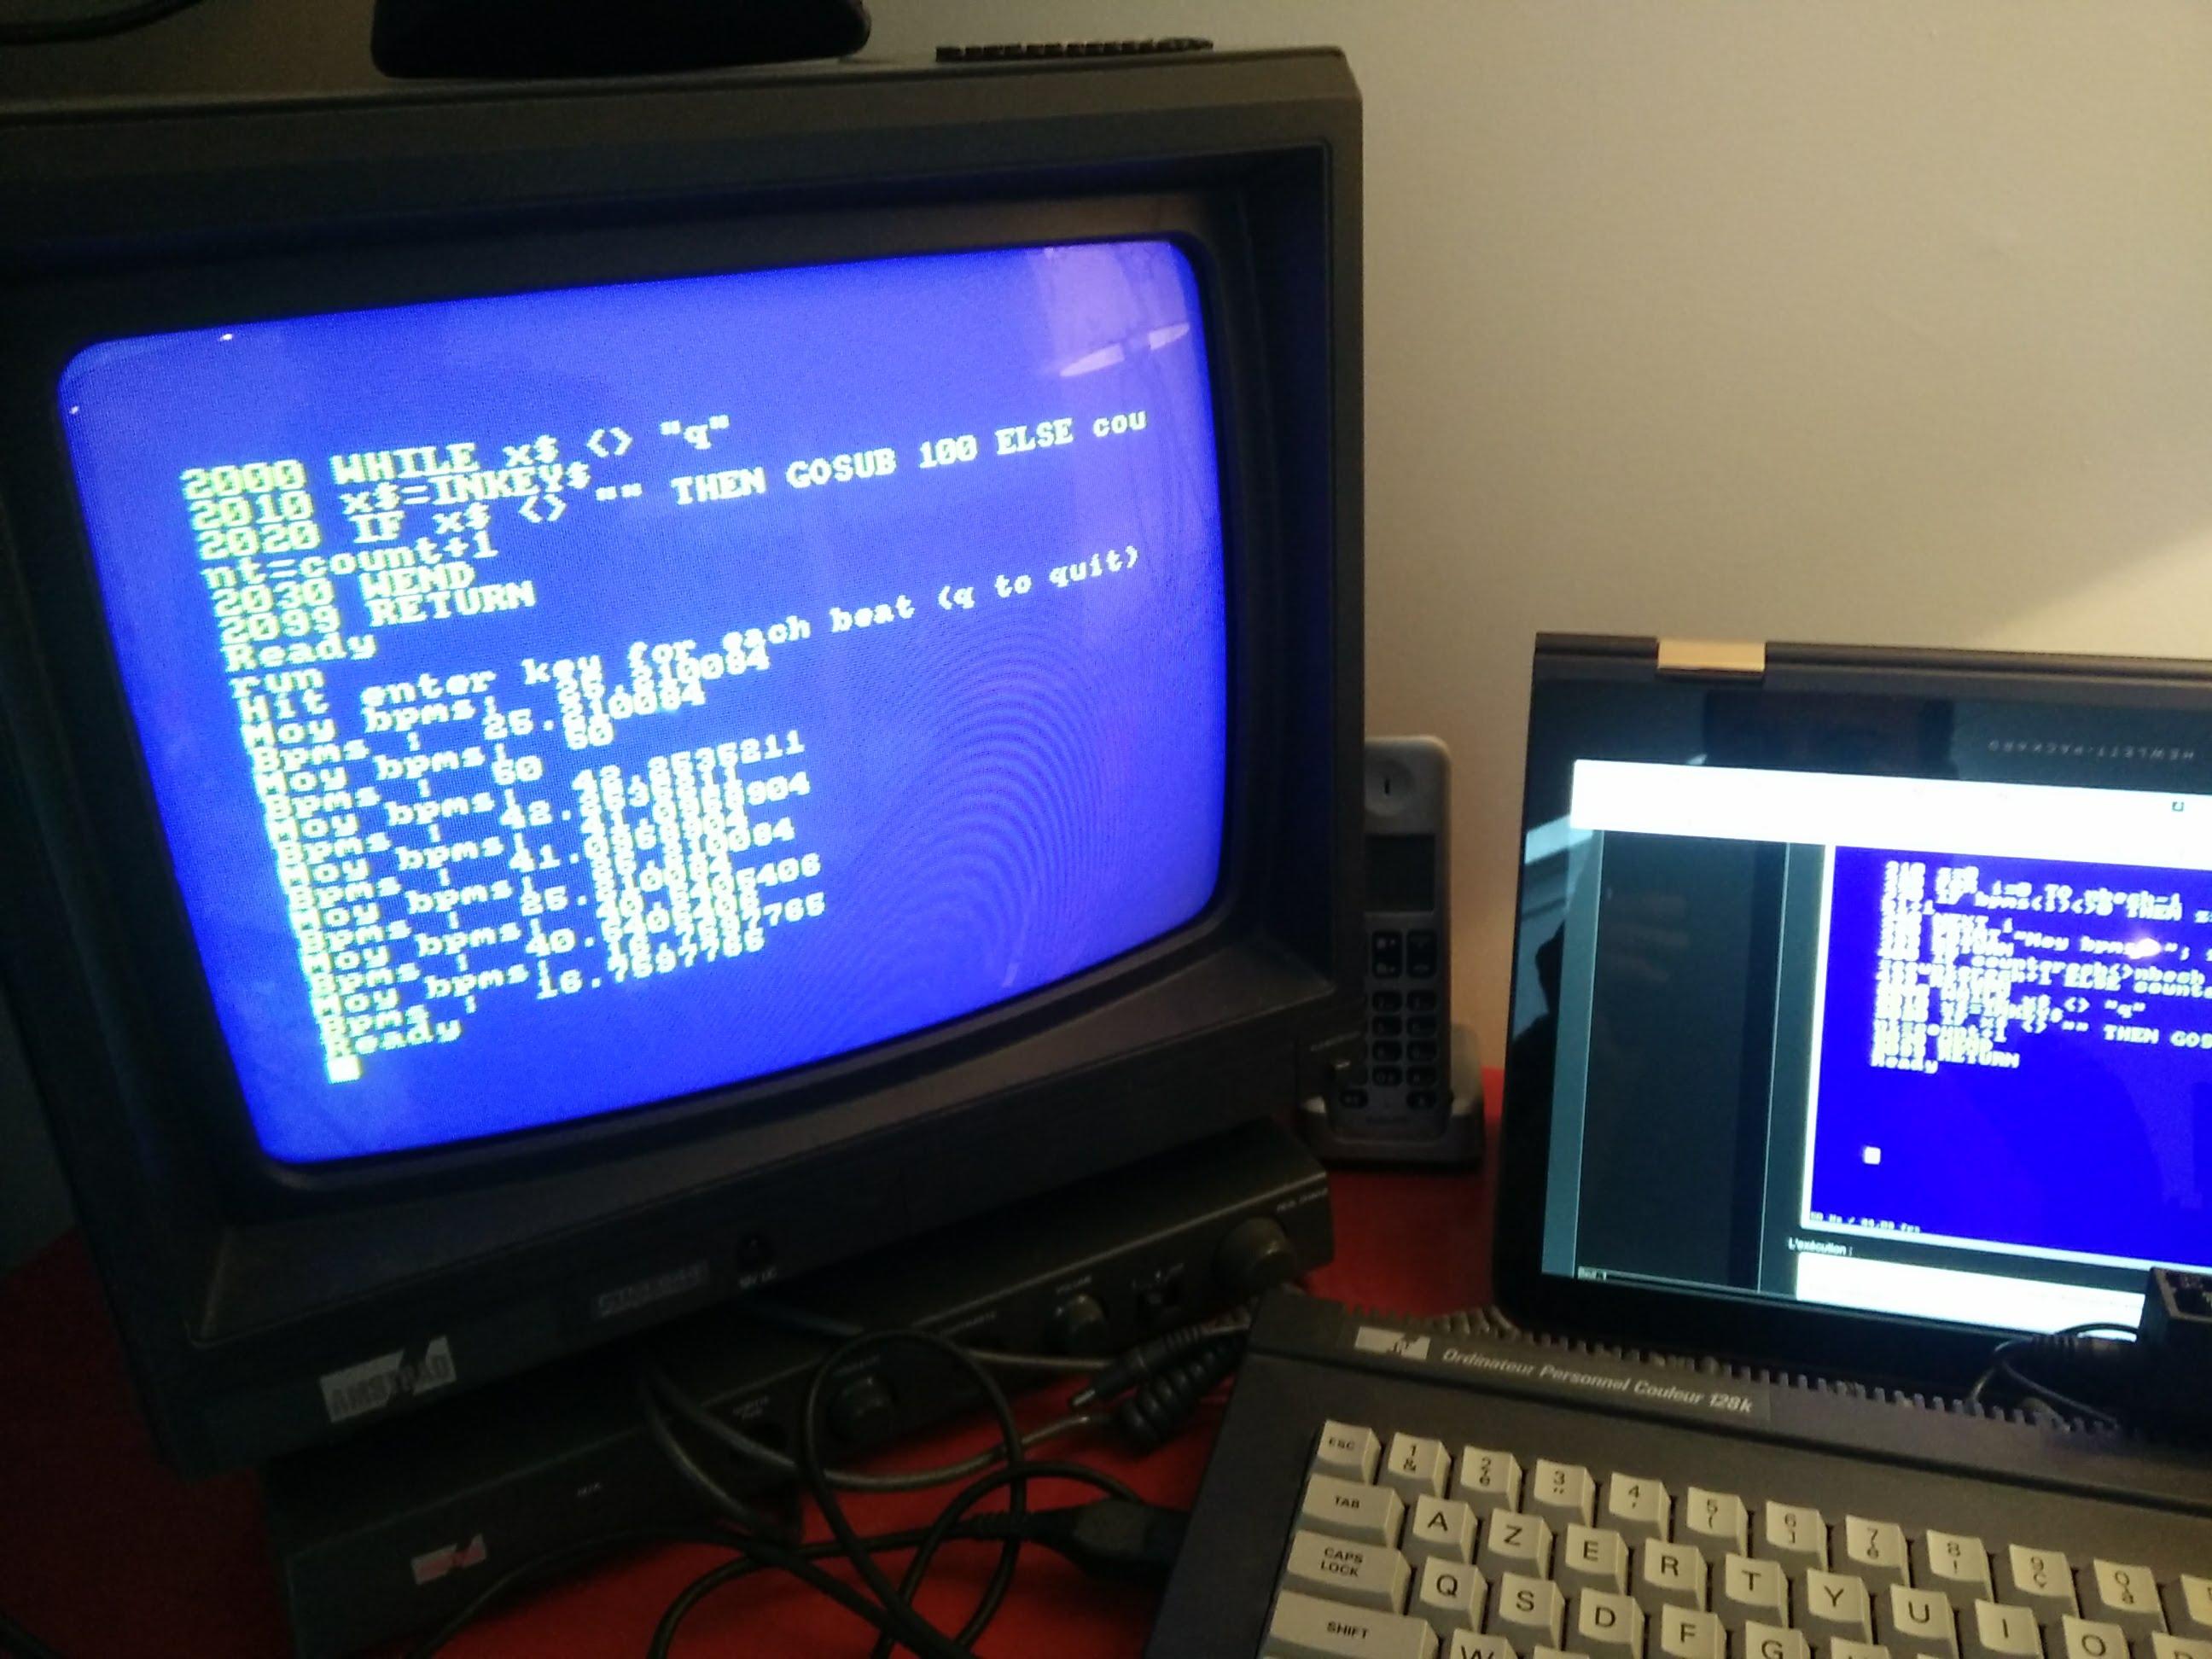 vintage portage taptempo en basic amstrad cpc linuxfr org basic amstrad cpc